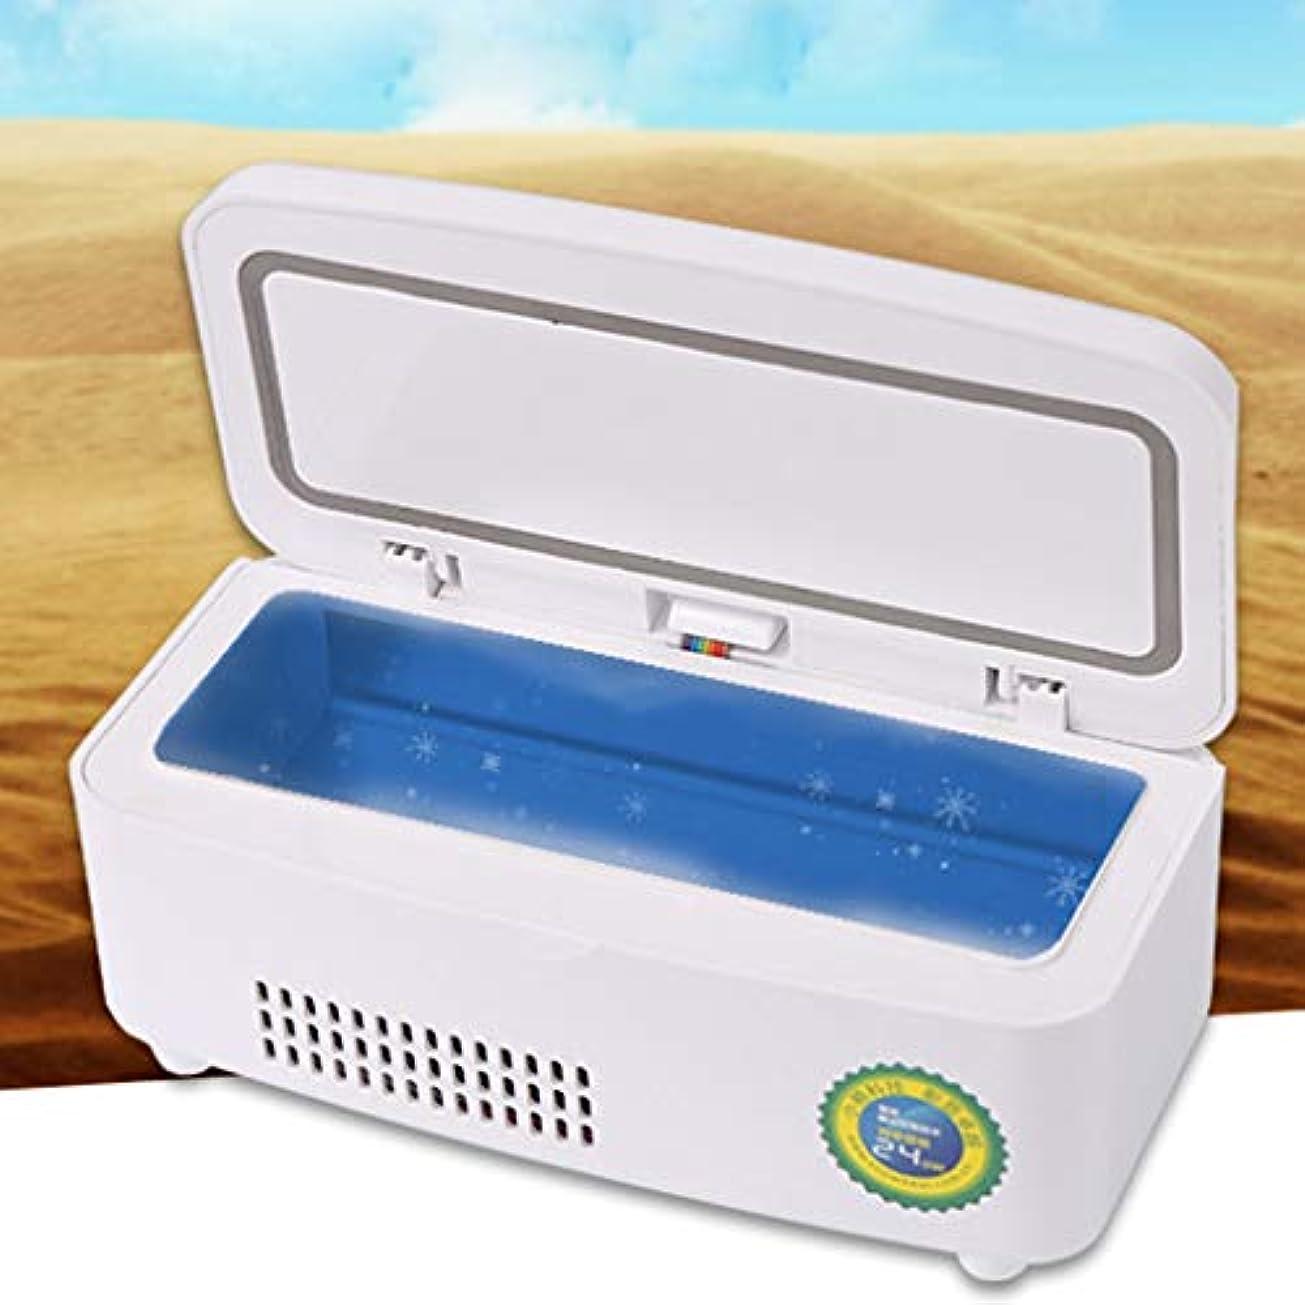 警告するマザーランド一人でGXH- インスリン冷却ボックス便利な充電式小型冷凍冷蔵庫、家庭用薬恒温収納ボックス